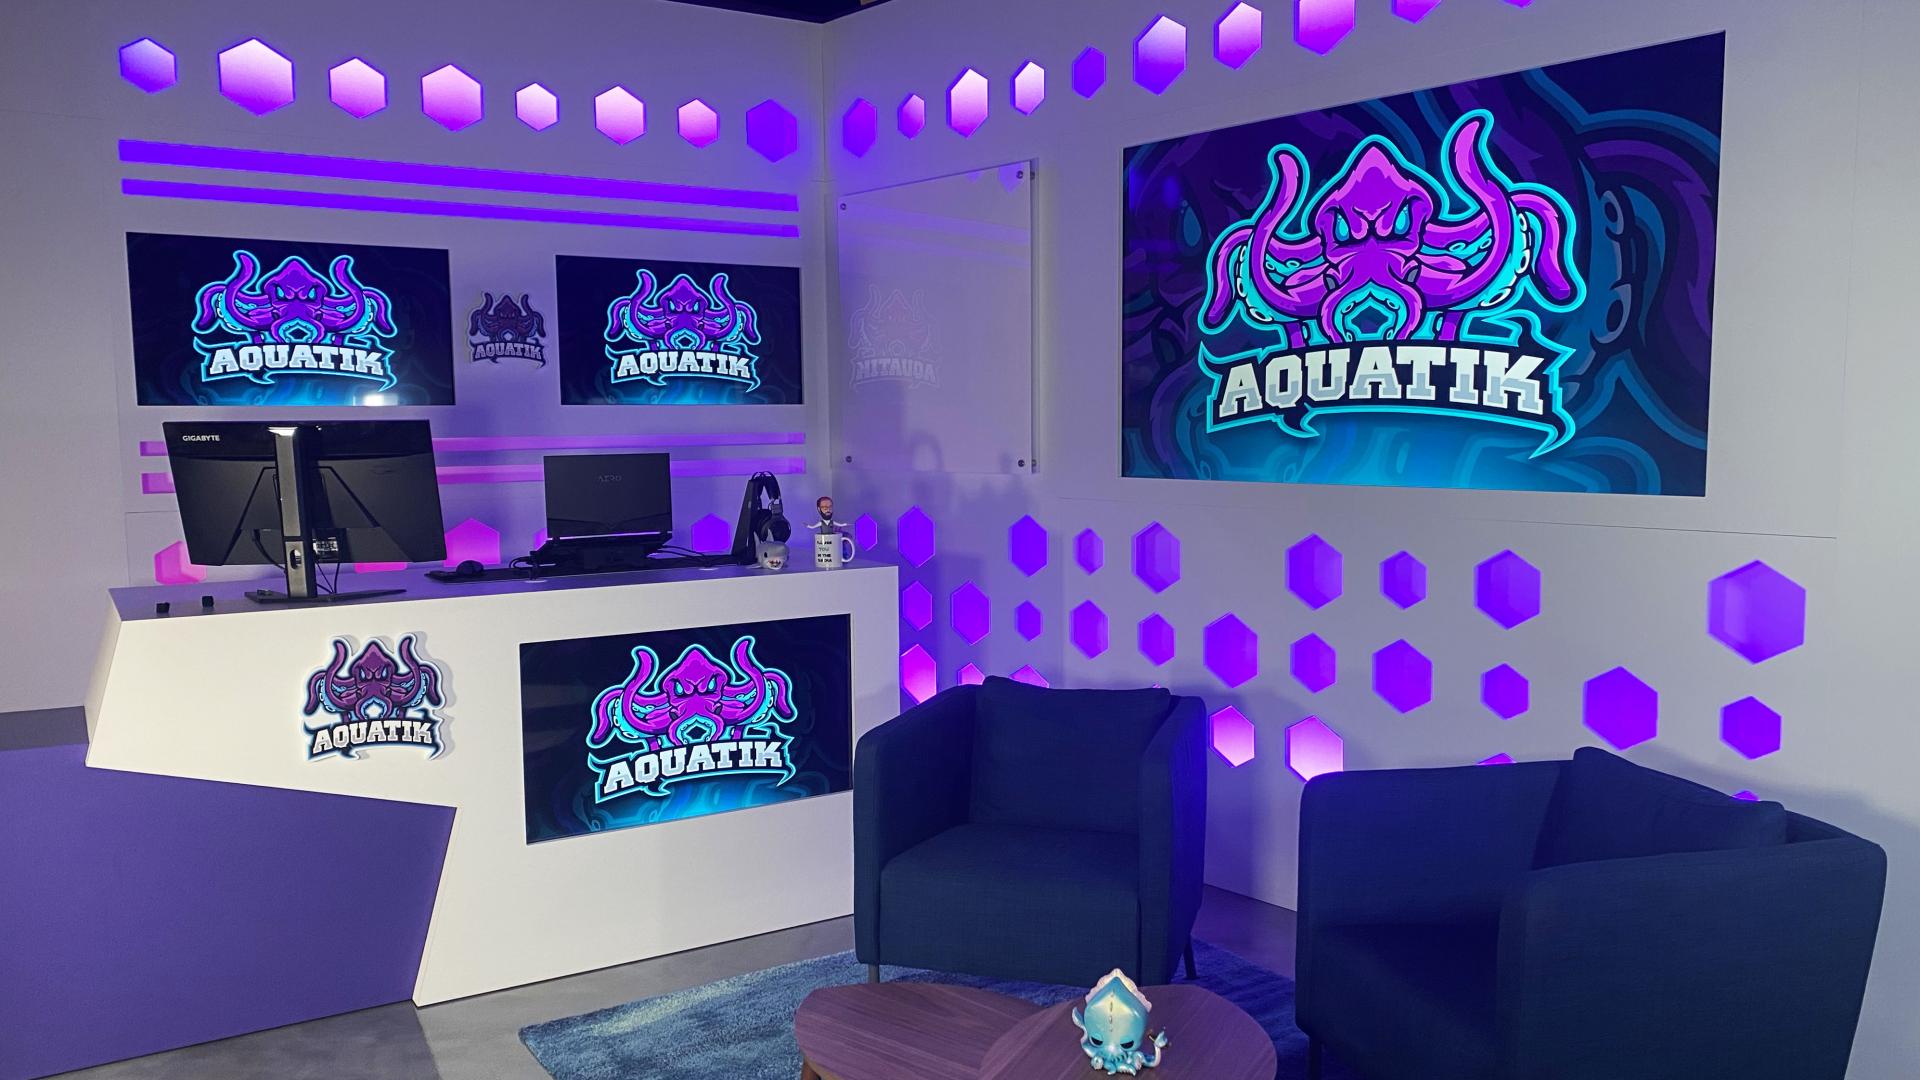 aquatik alliance